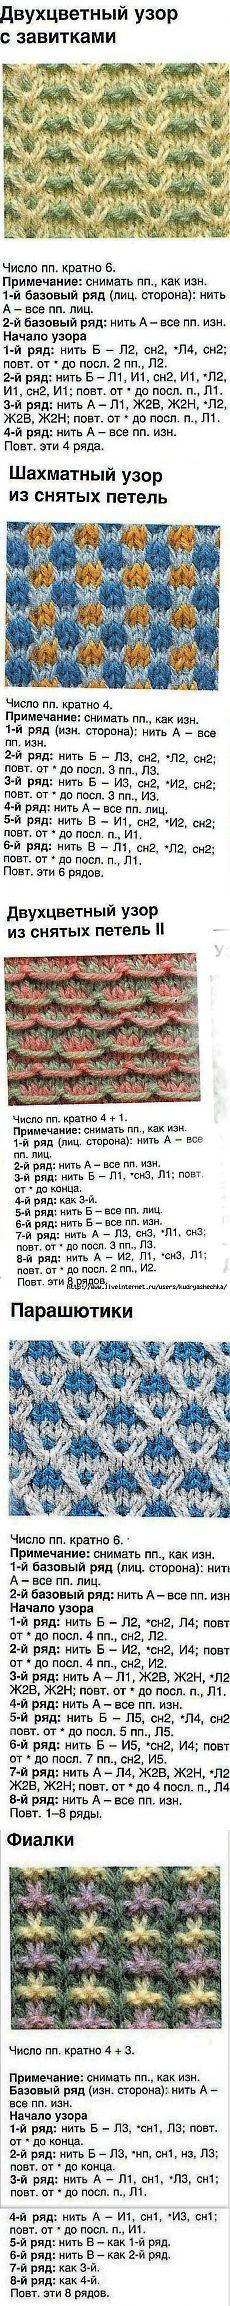 06 - Жаккард,Миссони,Многоцветные.